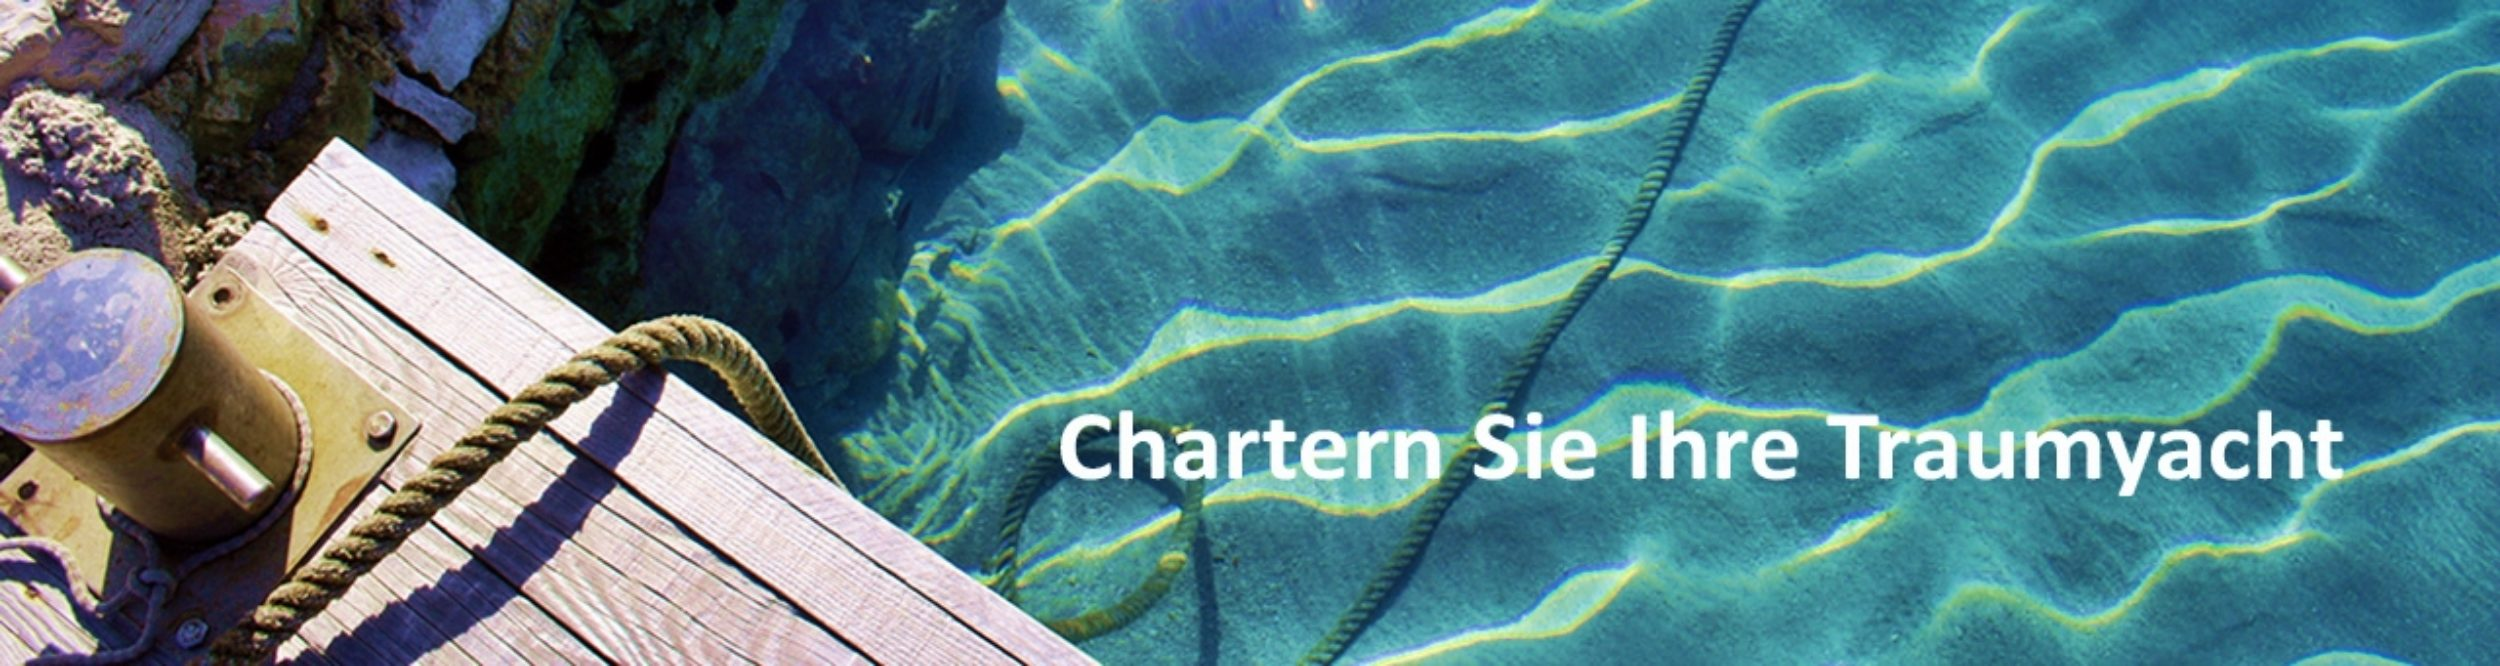 Charteryacht24.eu